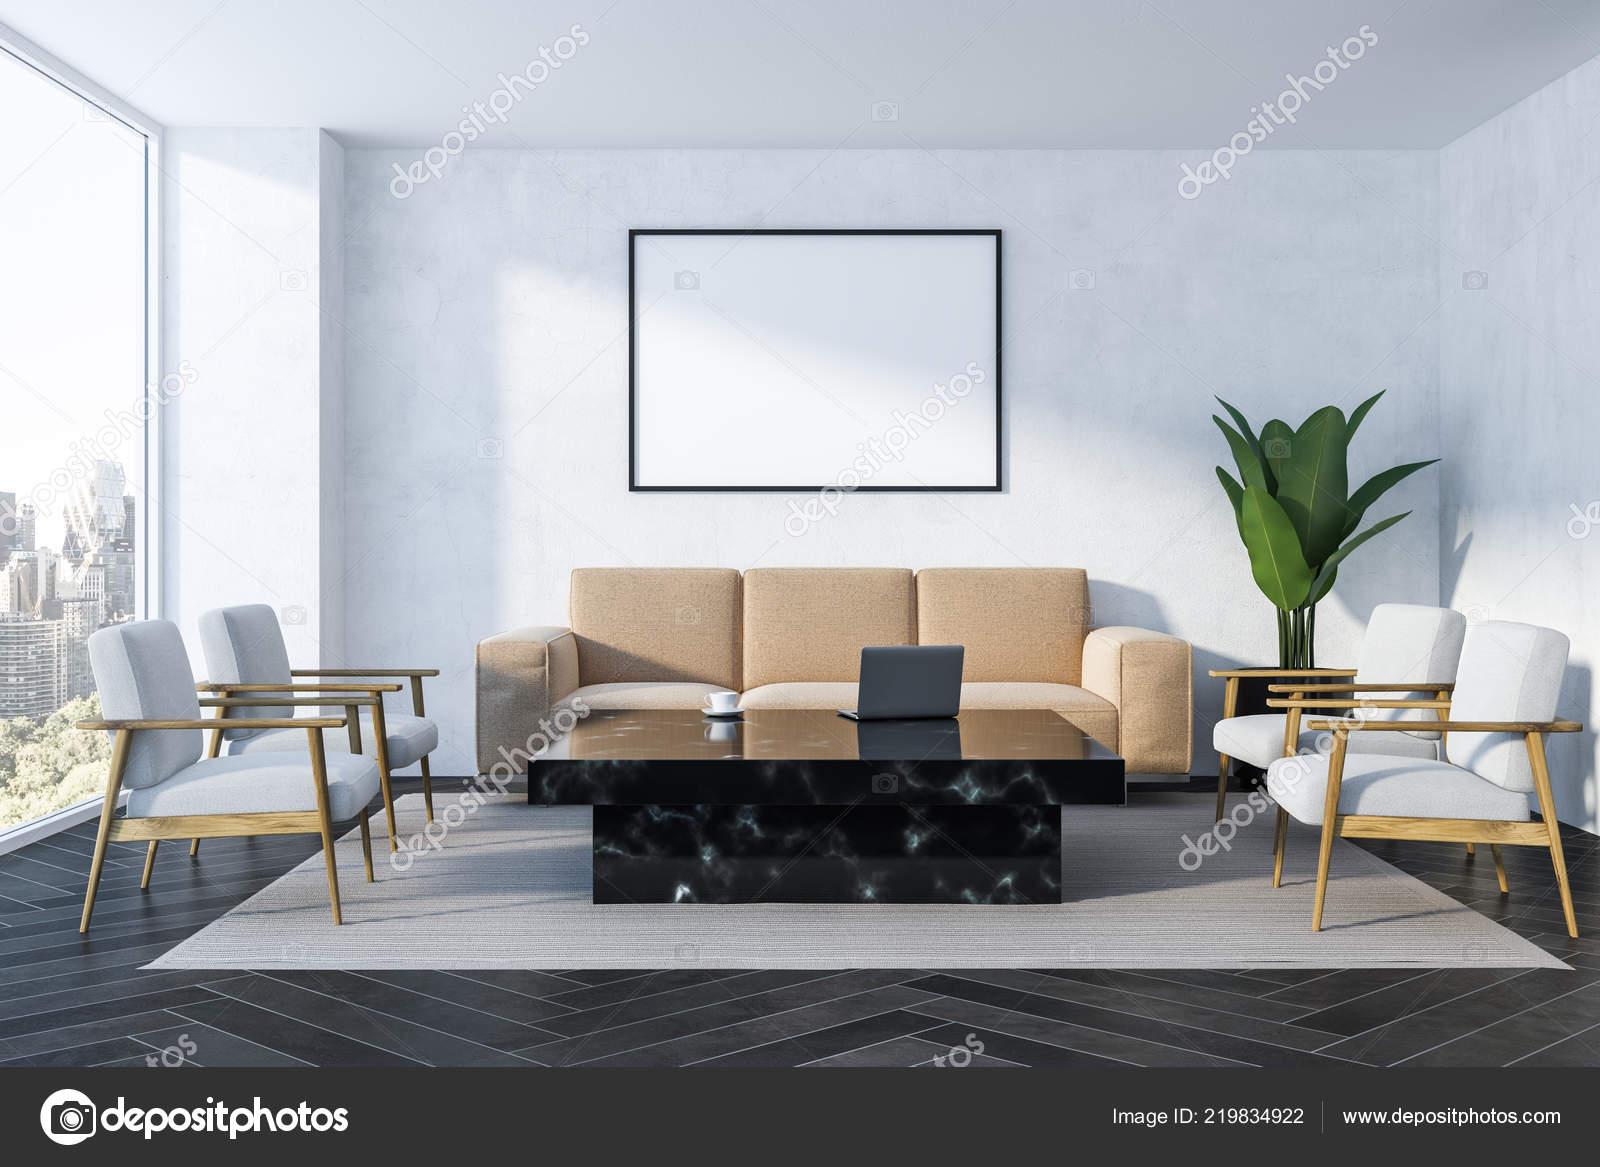 Pareti Bianche E Beige : Interno del salone bianco con pareti bianche pavimento legno